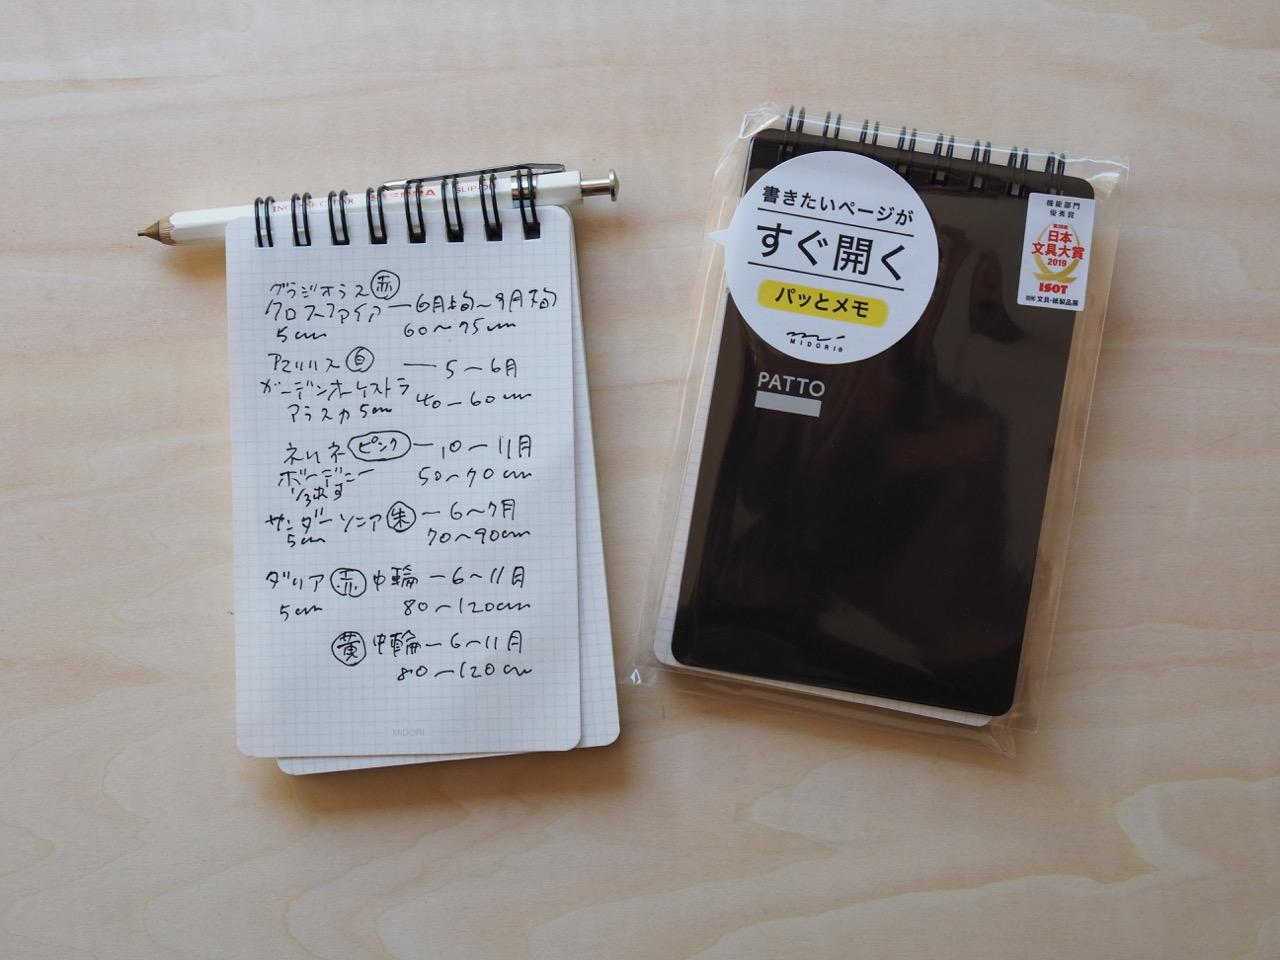 パッとすぐ書けるメモ帳